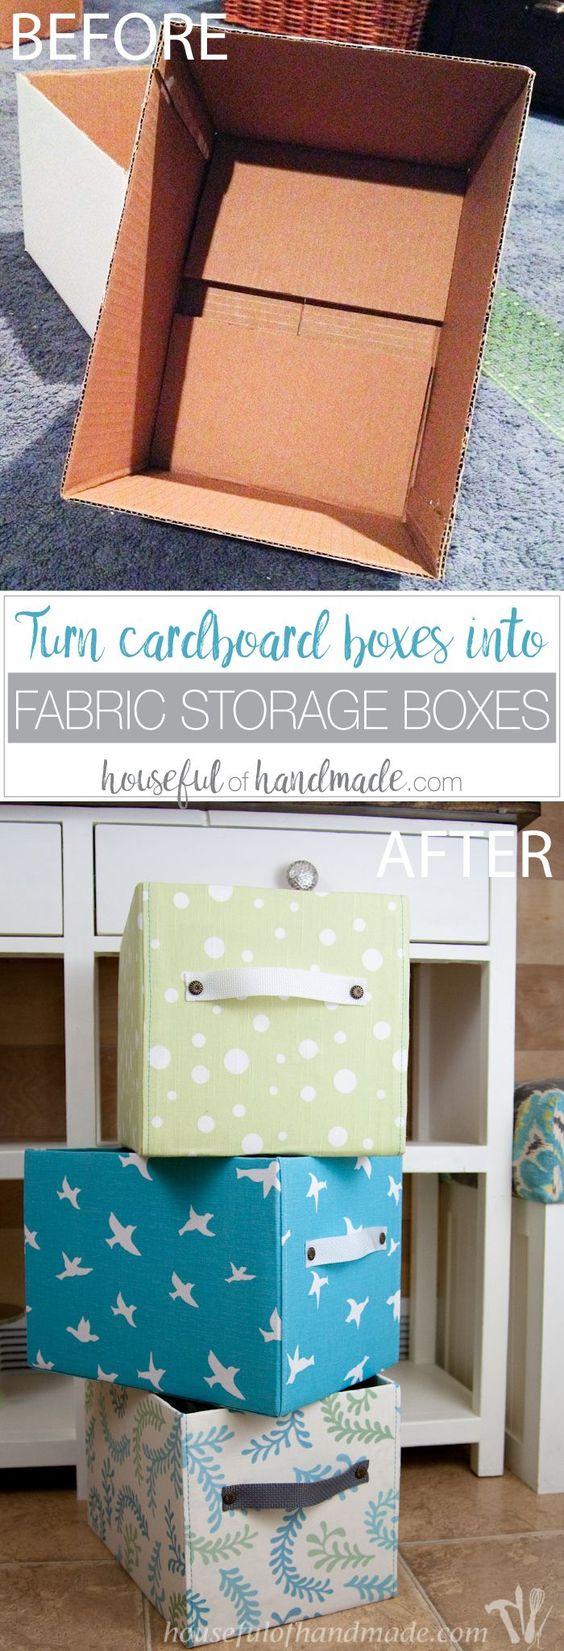 manualidades de cajas de carton para organizar el armario